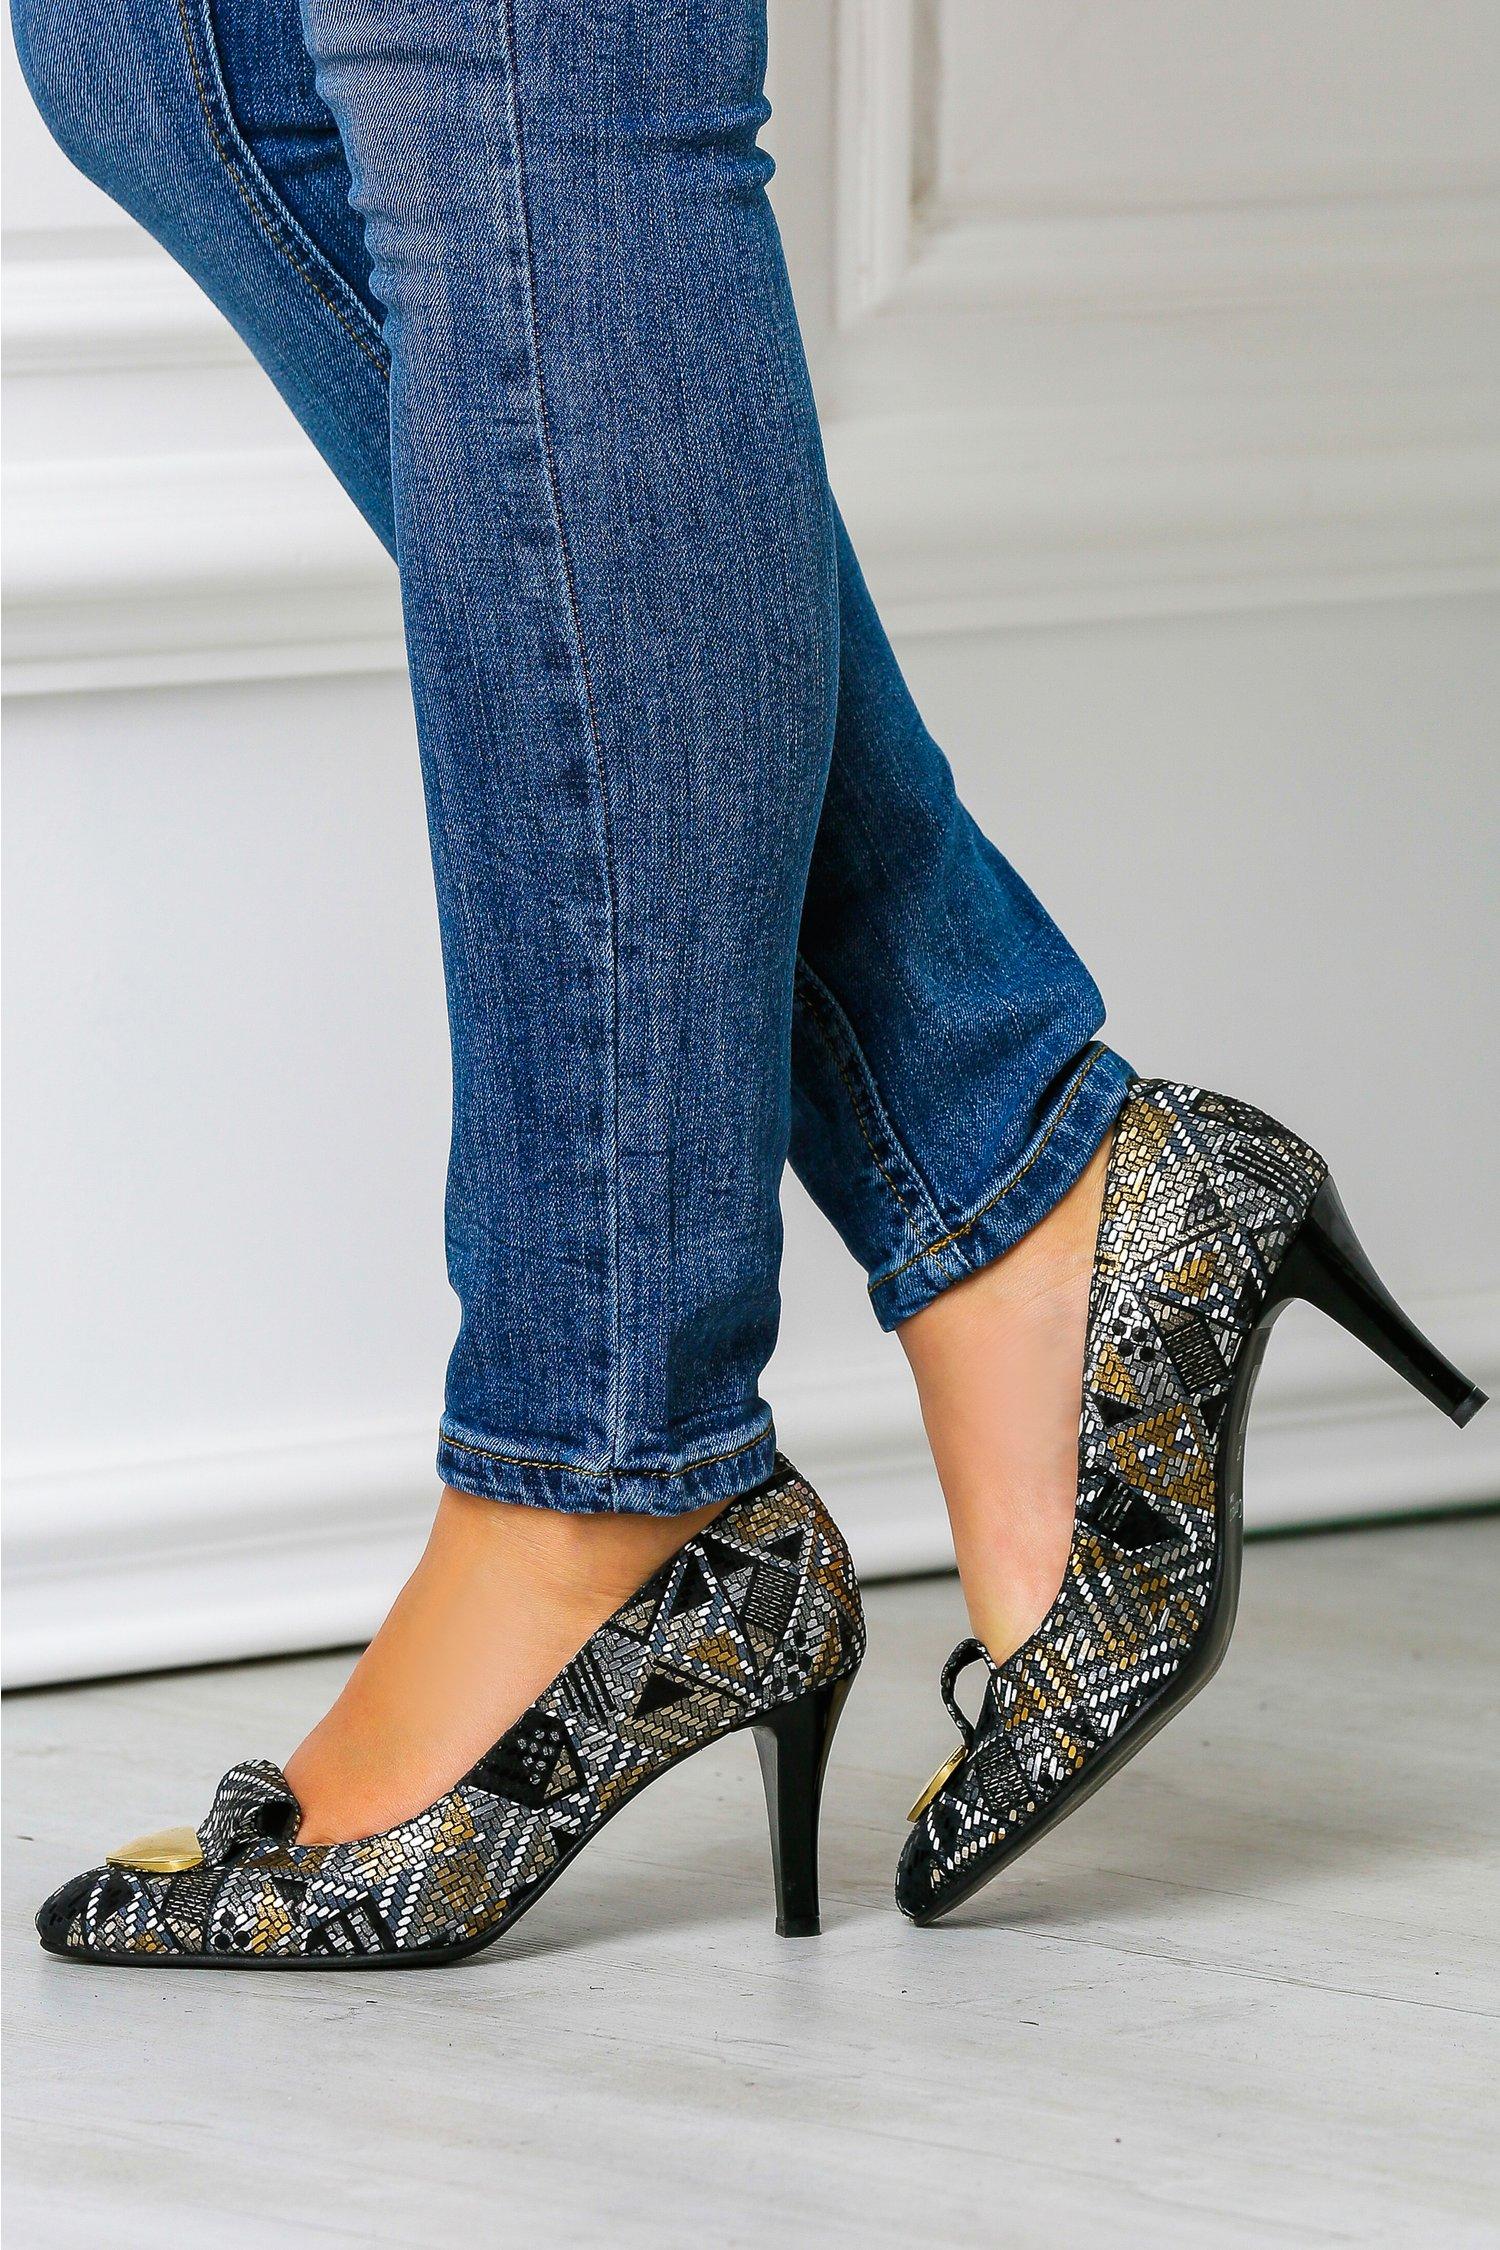 Pantofi stiletto de ocazie cu imprimeu auriu, colectia 2018